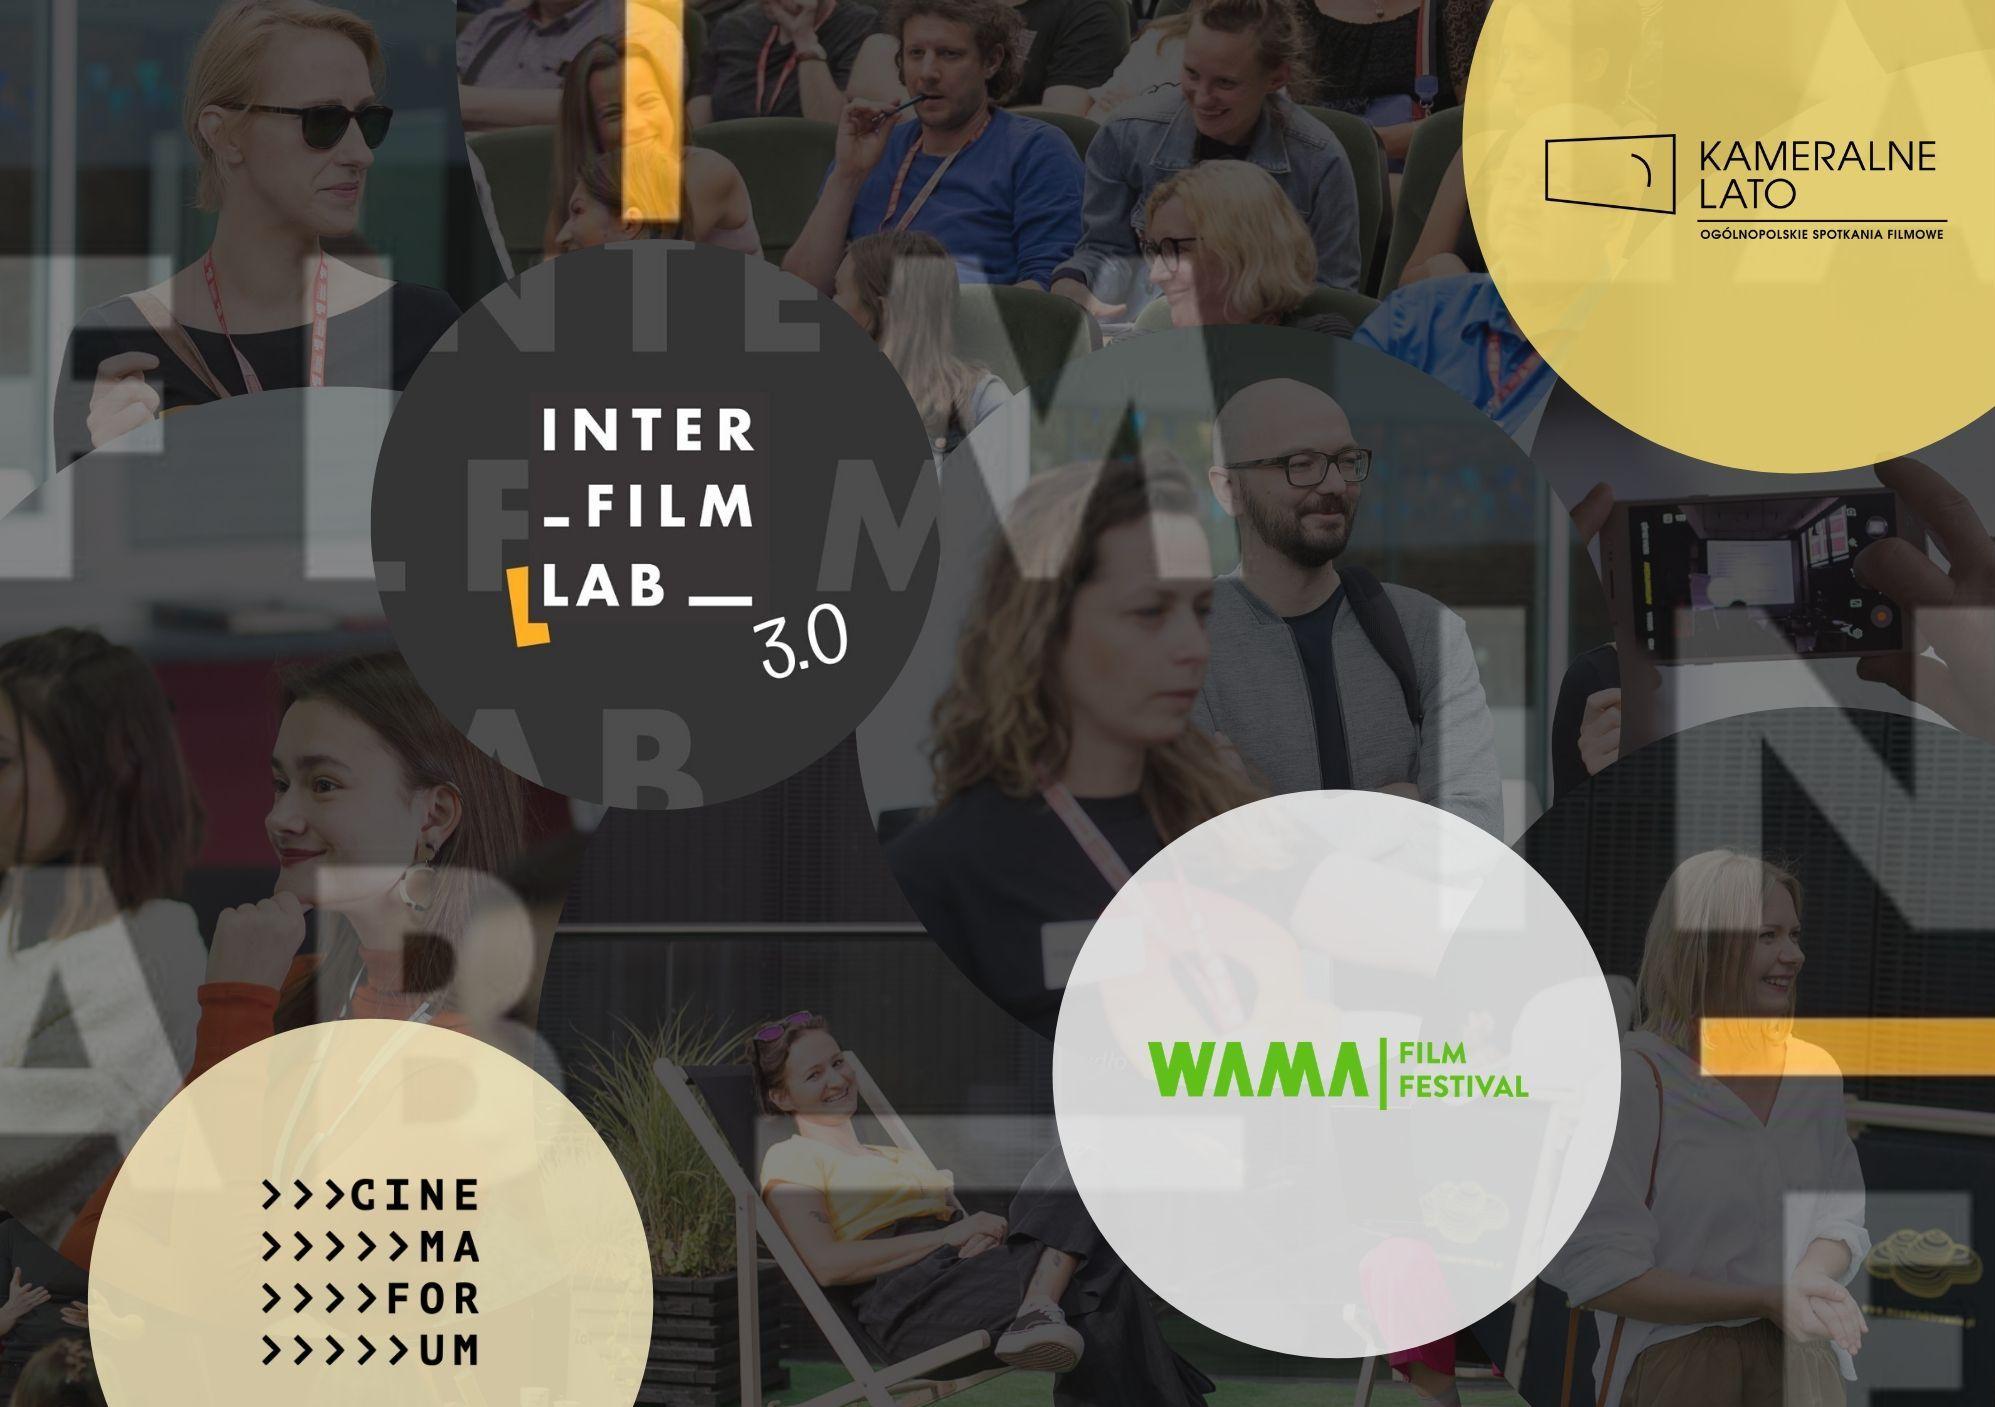 INTERFILMLAB_3.0